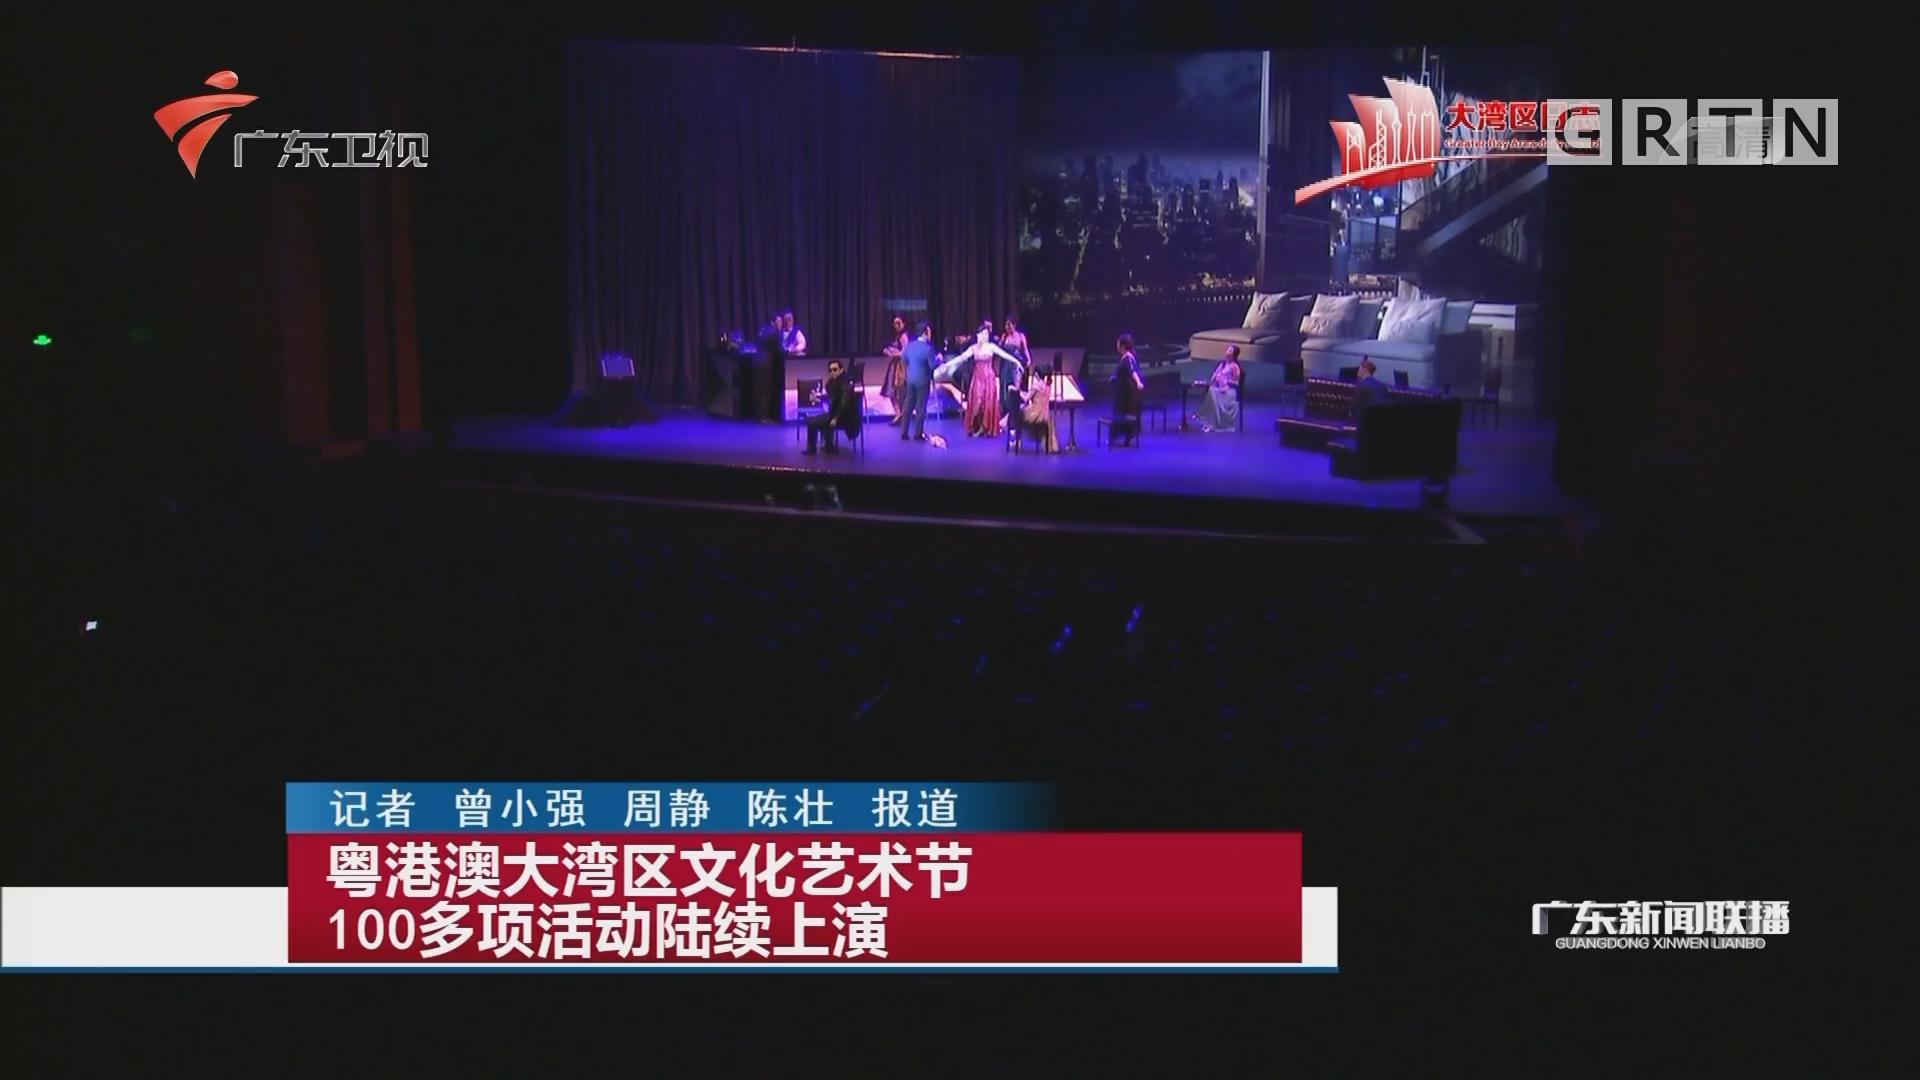 粤港澳大湾区文化艺术节 100多项活动陆续上演